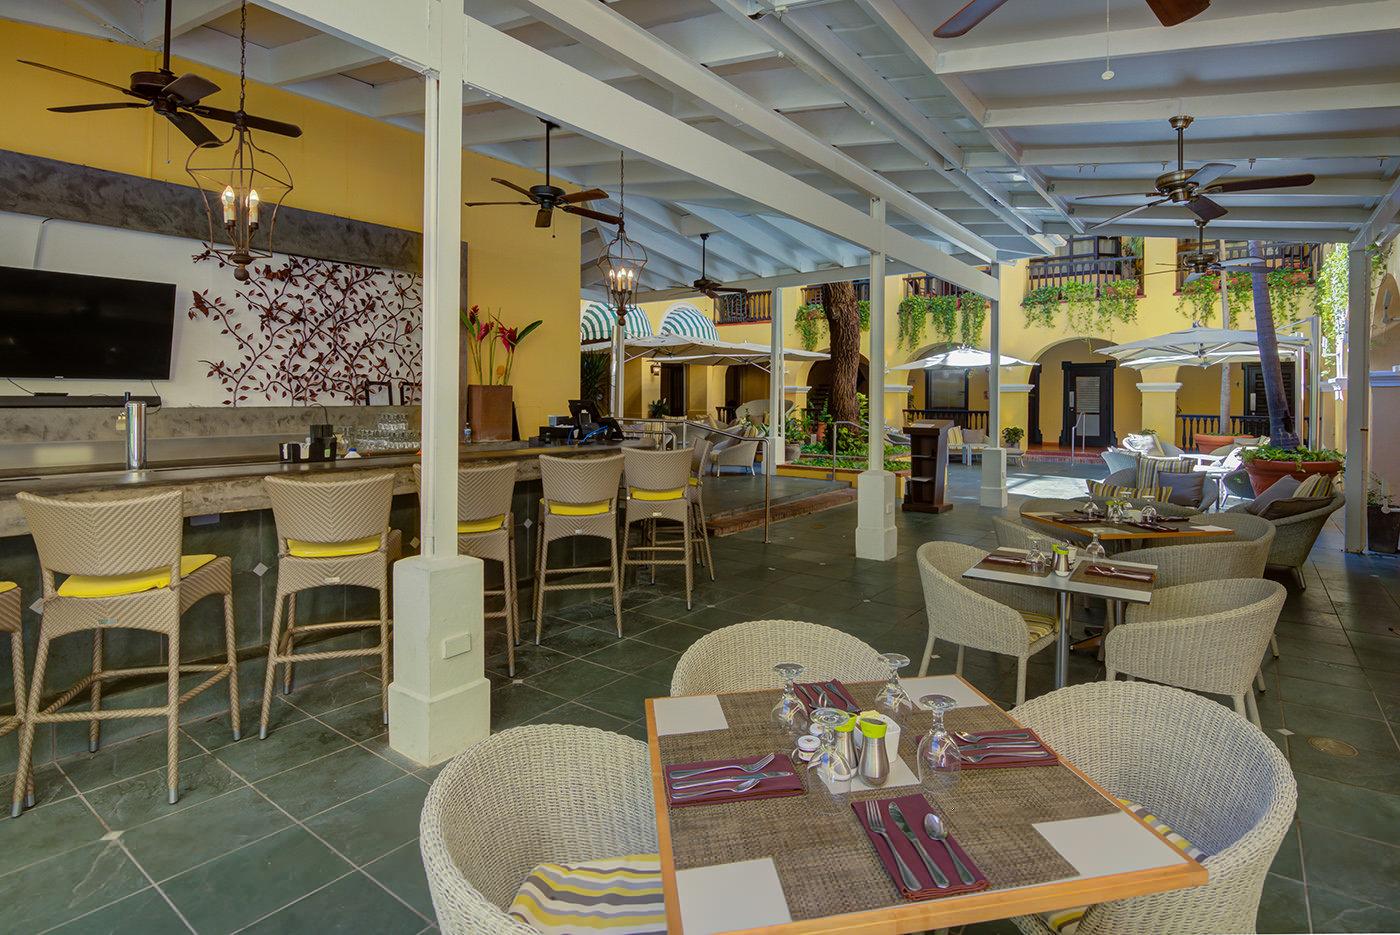 Dining Amp Restaurants In Old San Juan Puerto Rico